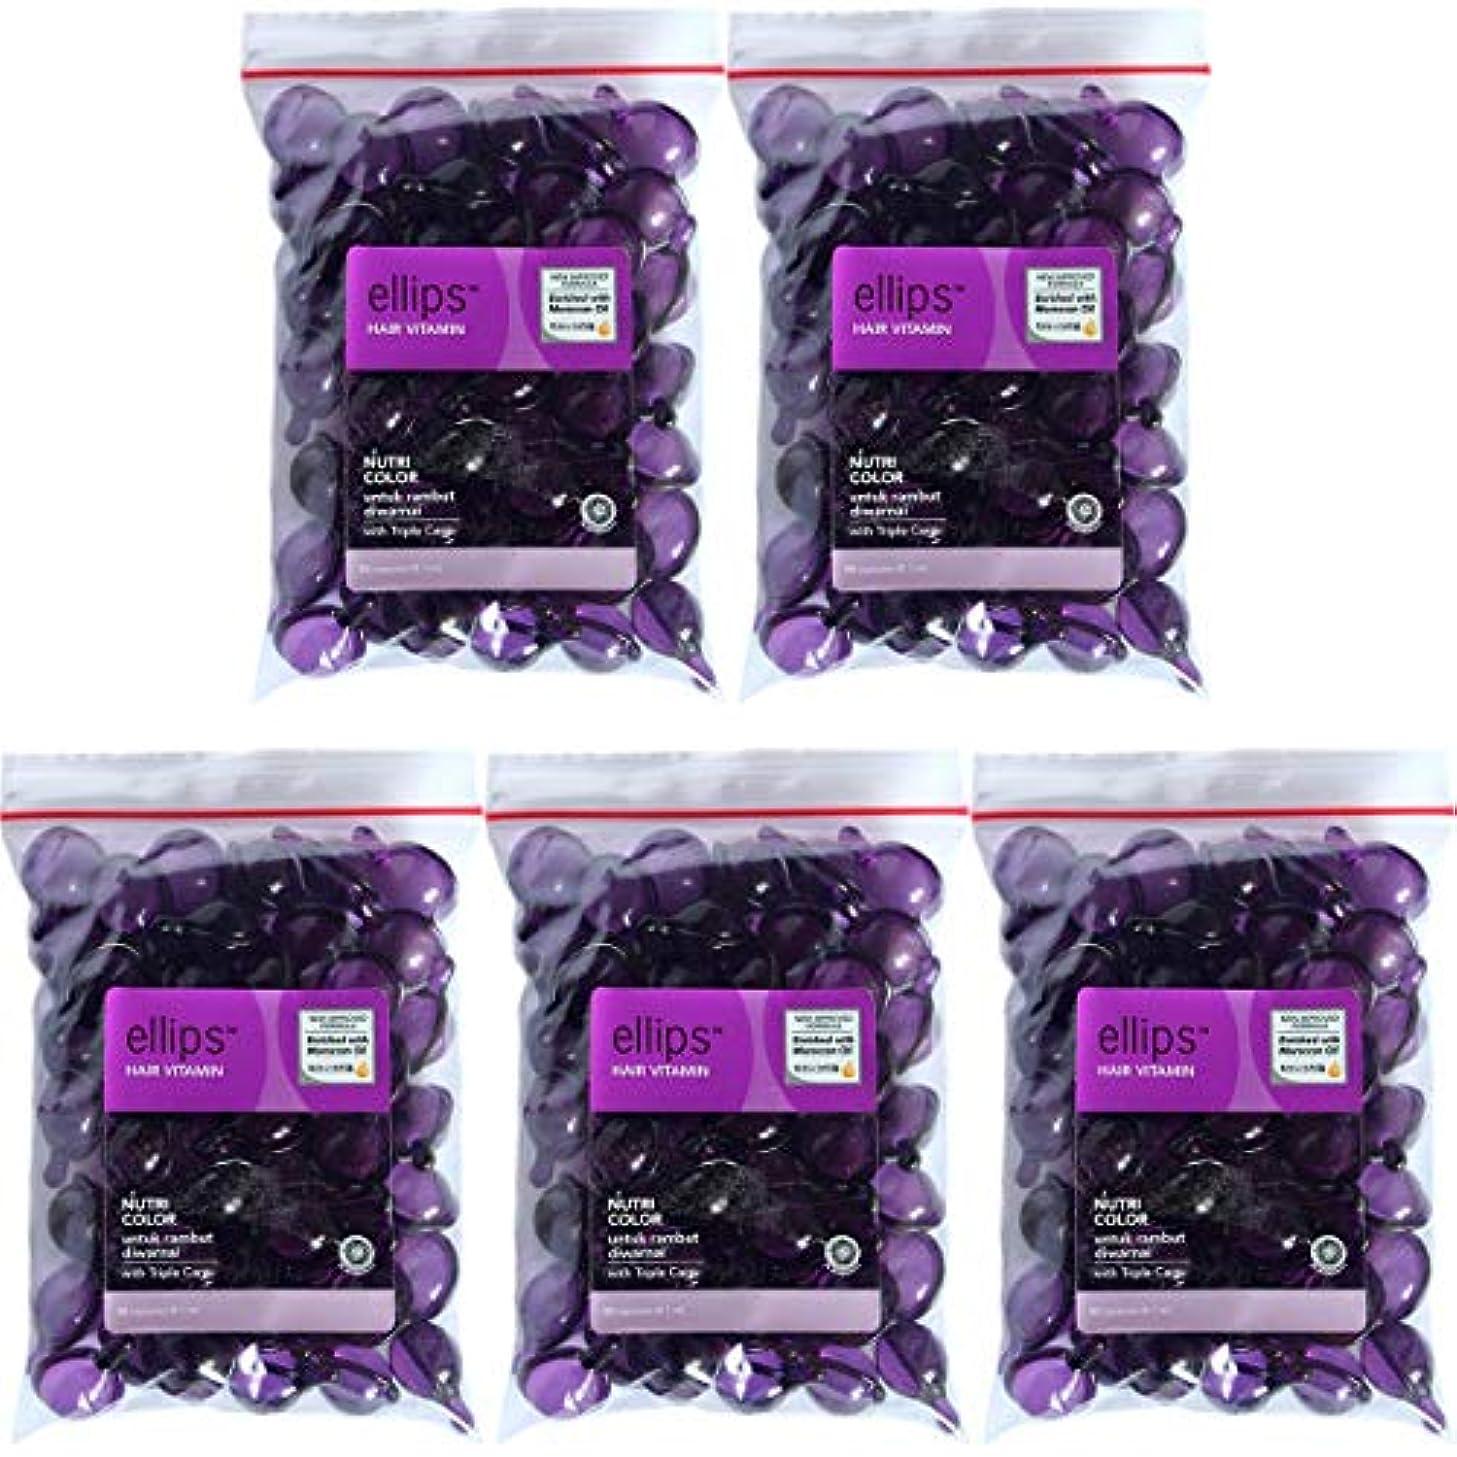 提供された花弁オーバーコートellips エリプス エリップス ヘアビタミン ヘアオイル 洗い流さないトリートメント アウトレット袋詰め 50粒入×5個セット パープル [海外直送品]